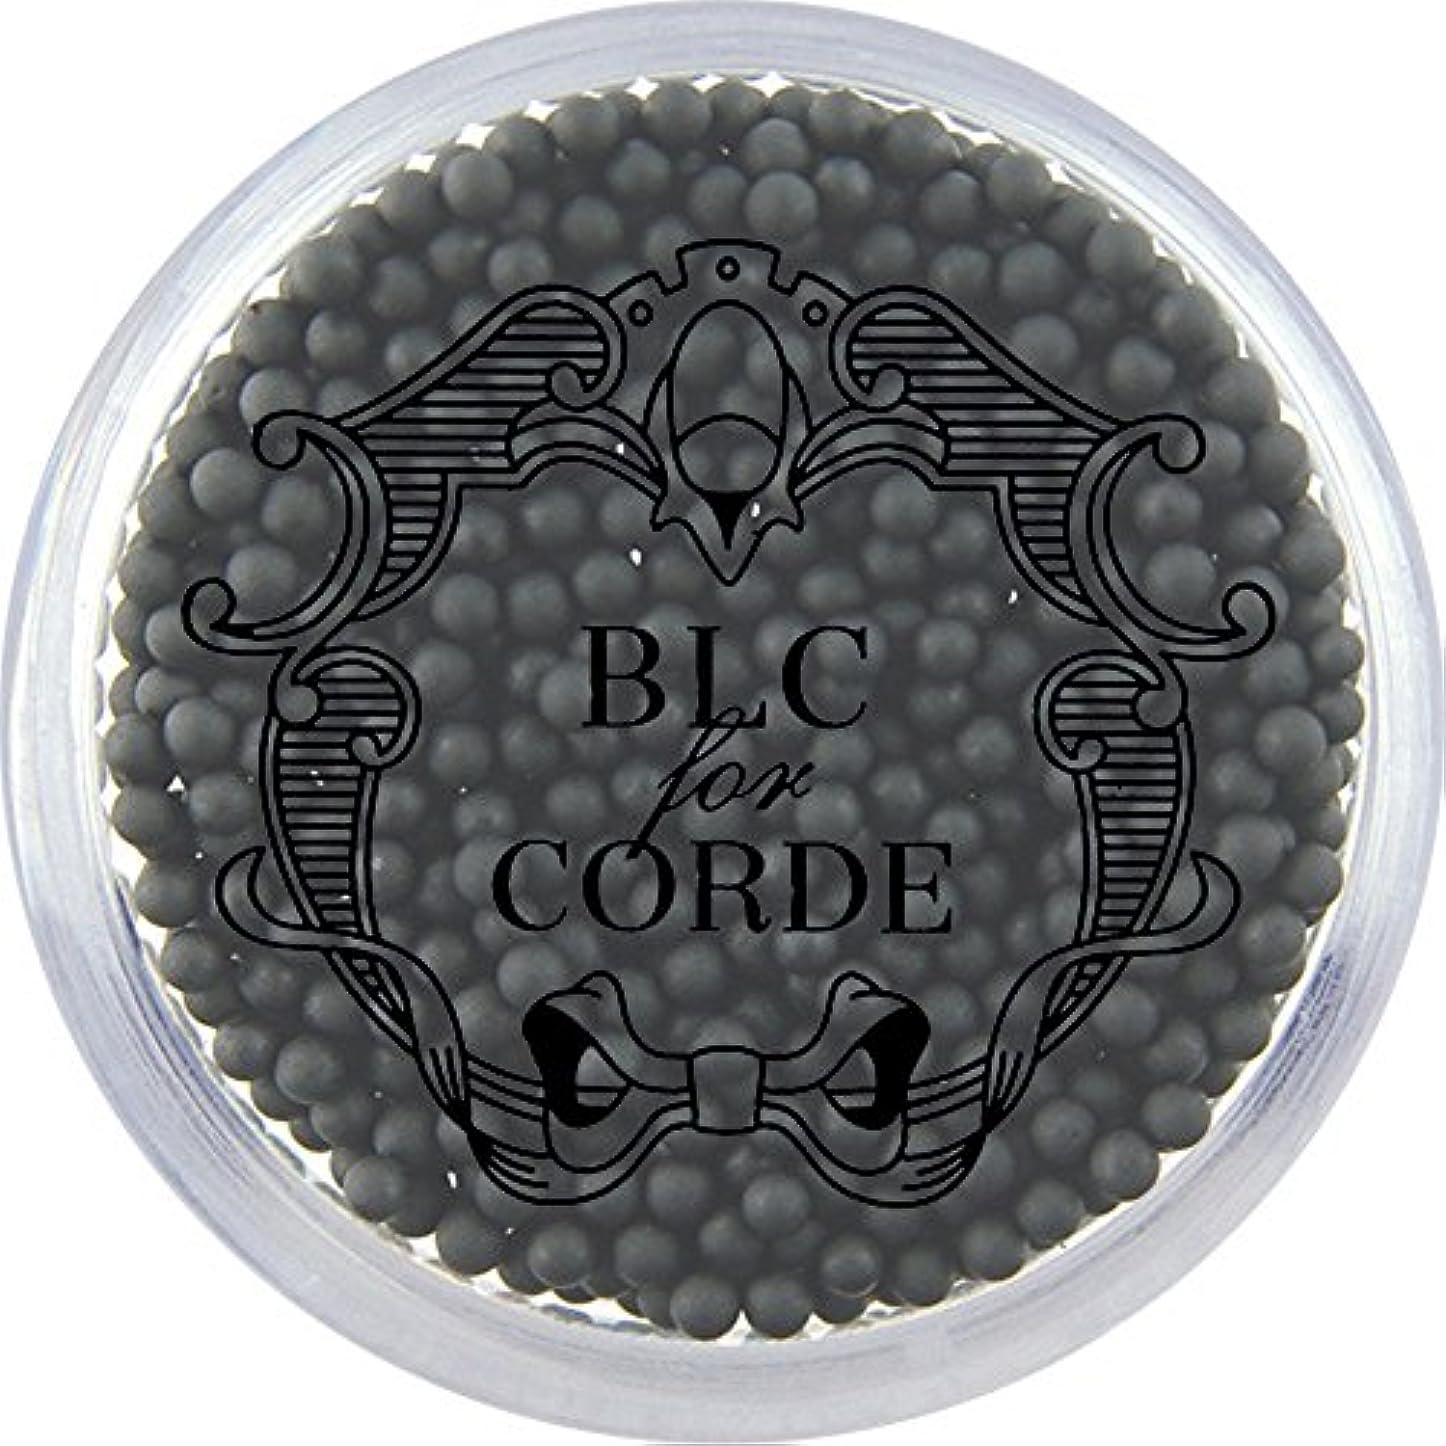 送金兵隊品BLC FOR CORDE ガラスブリオン ブラック